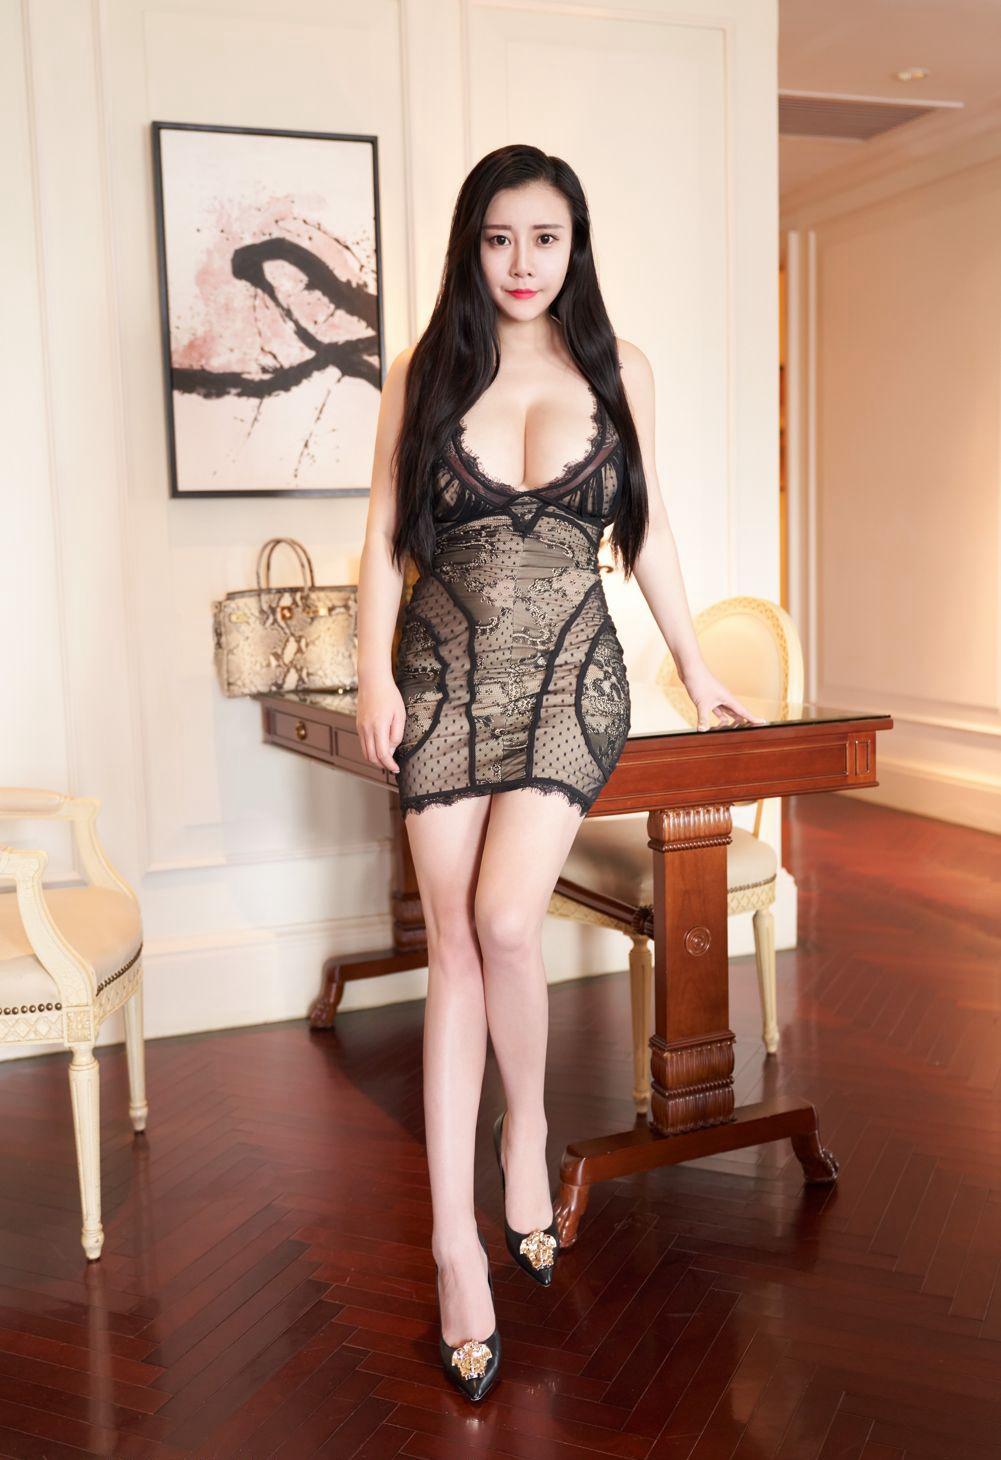 【美女】大乳牛美女正面半裸沙发性感内衣人体艺术照片【21P】 性感内衣